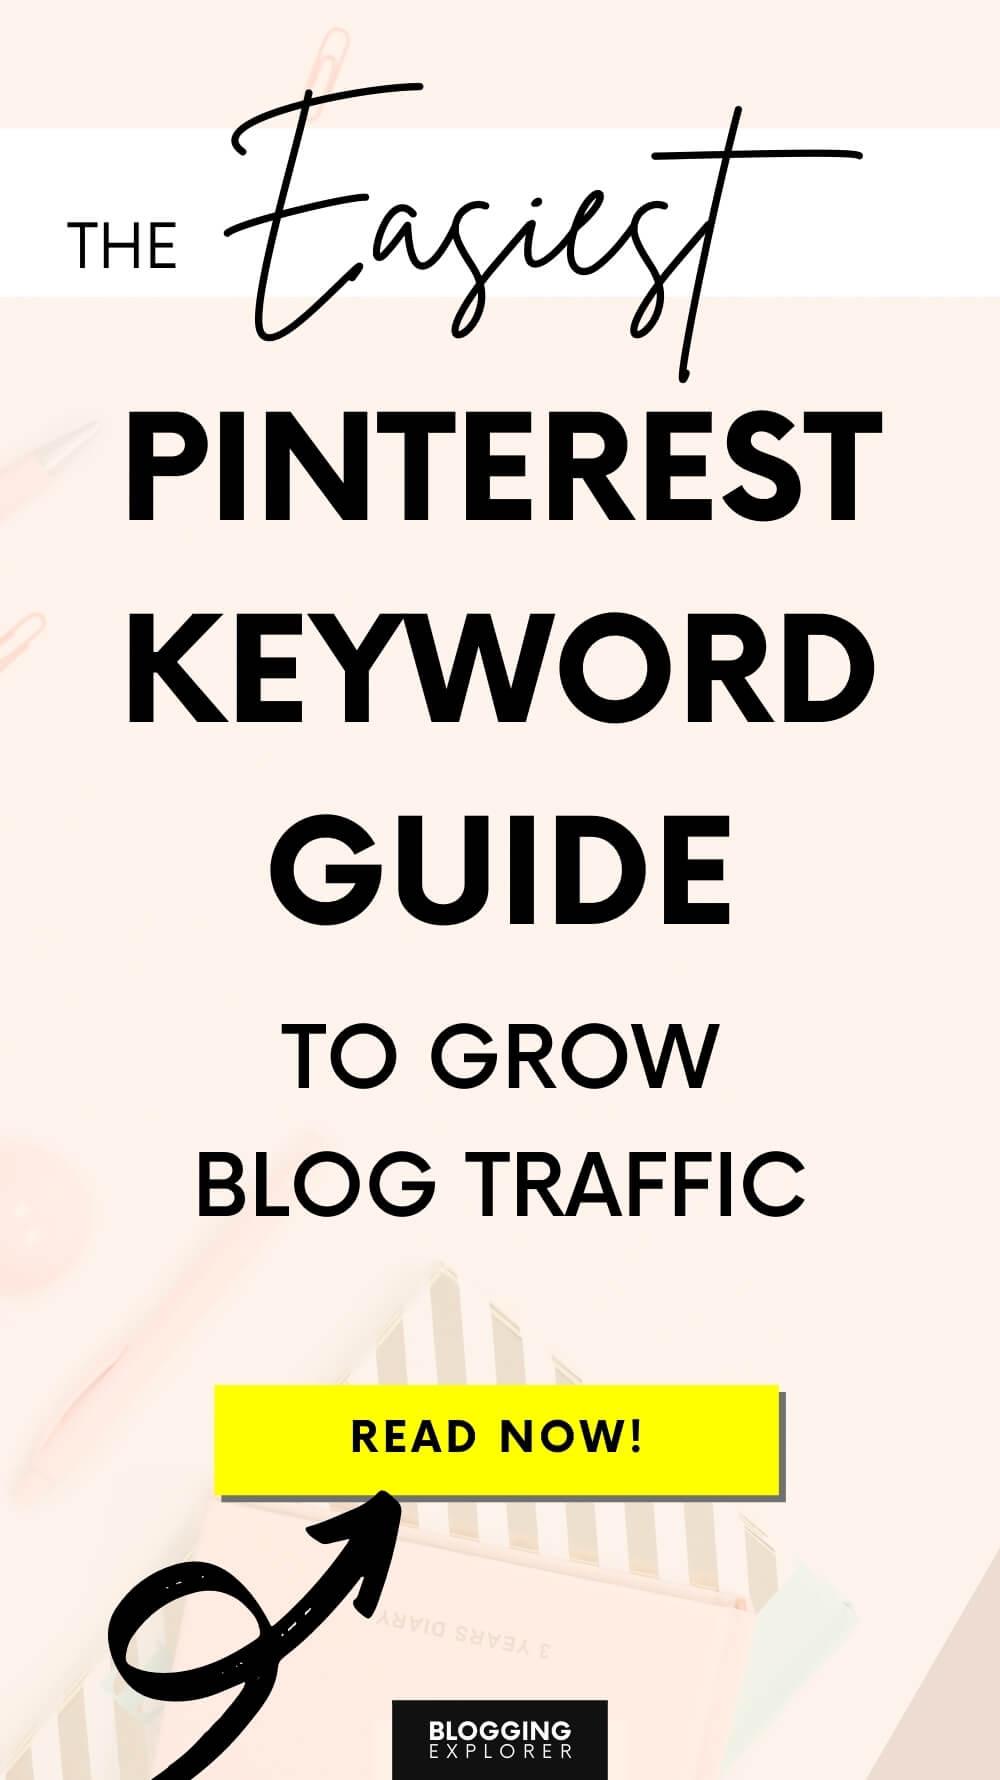 Find popular Pinterest keywords to grow blog traffic - Blogging Explorer